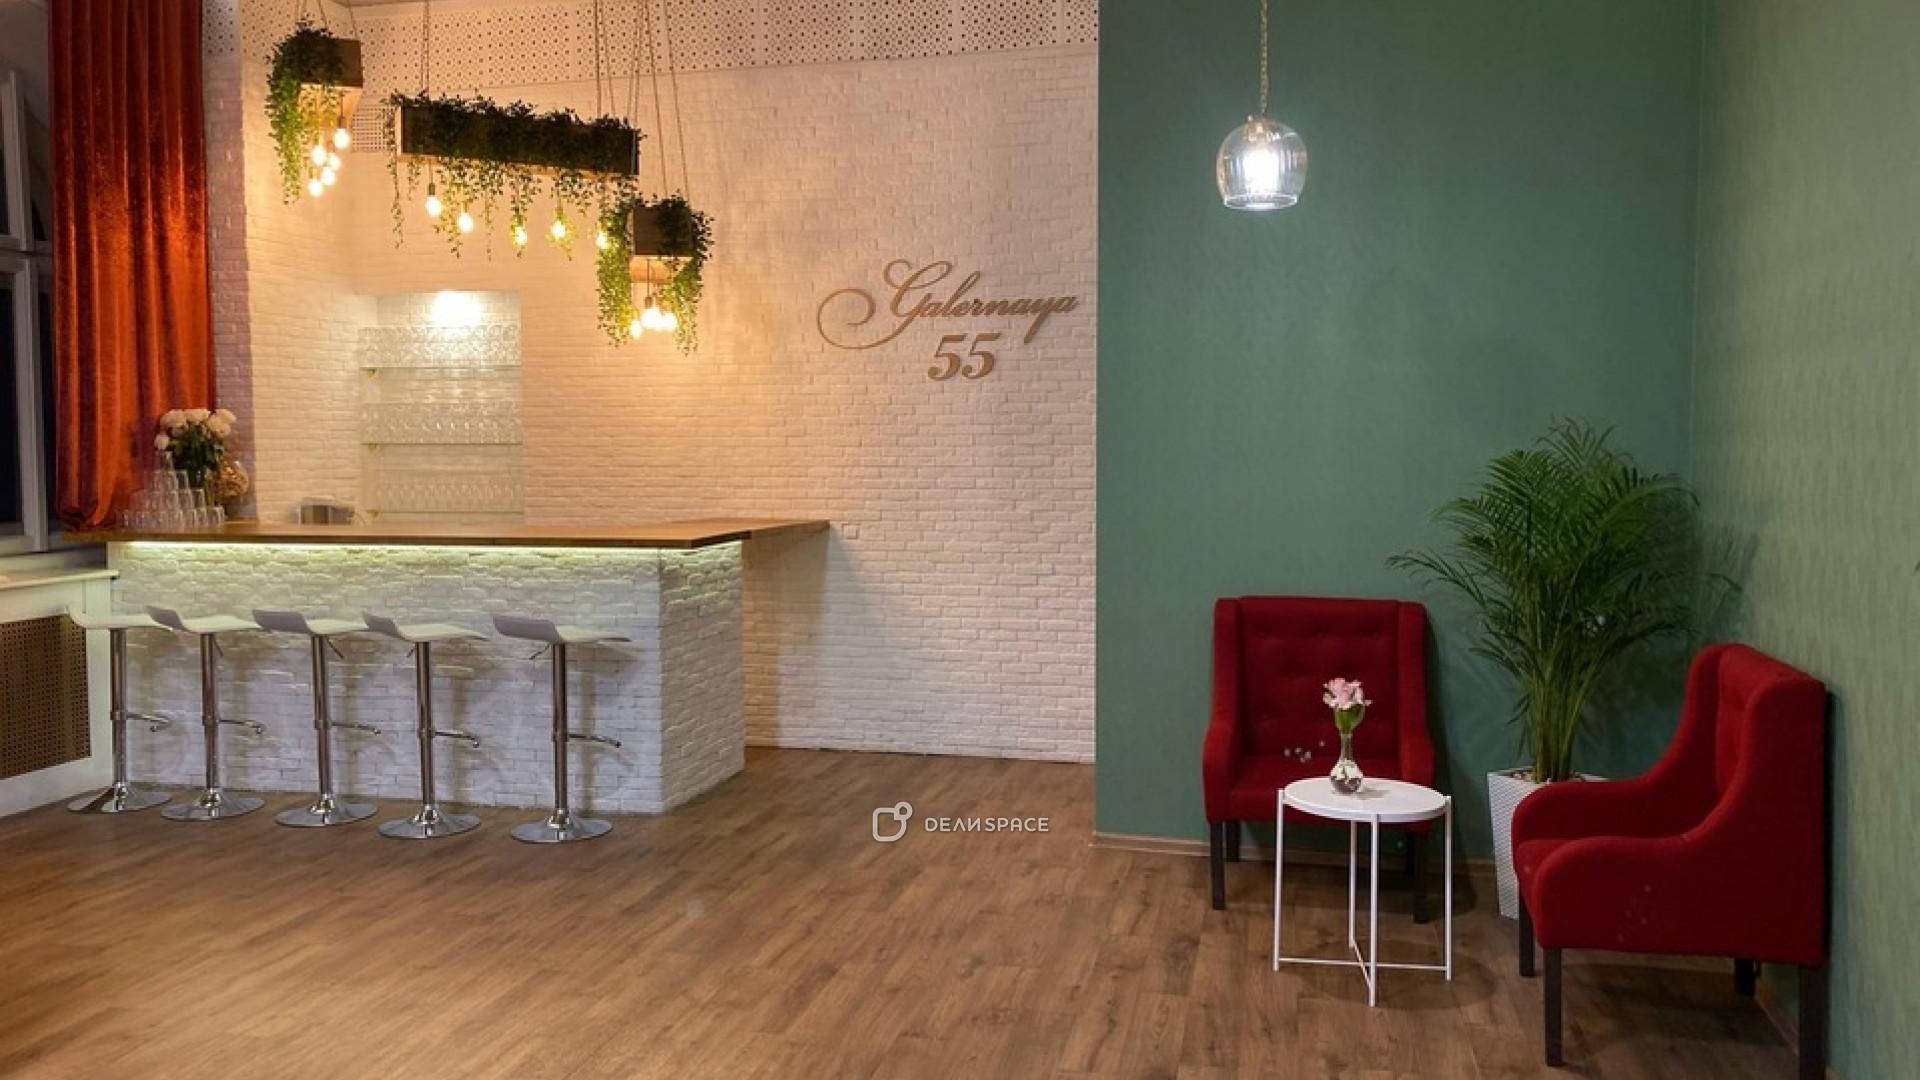 Лофт Галерная 55